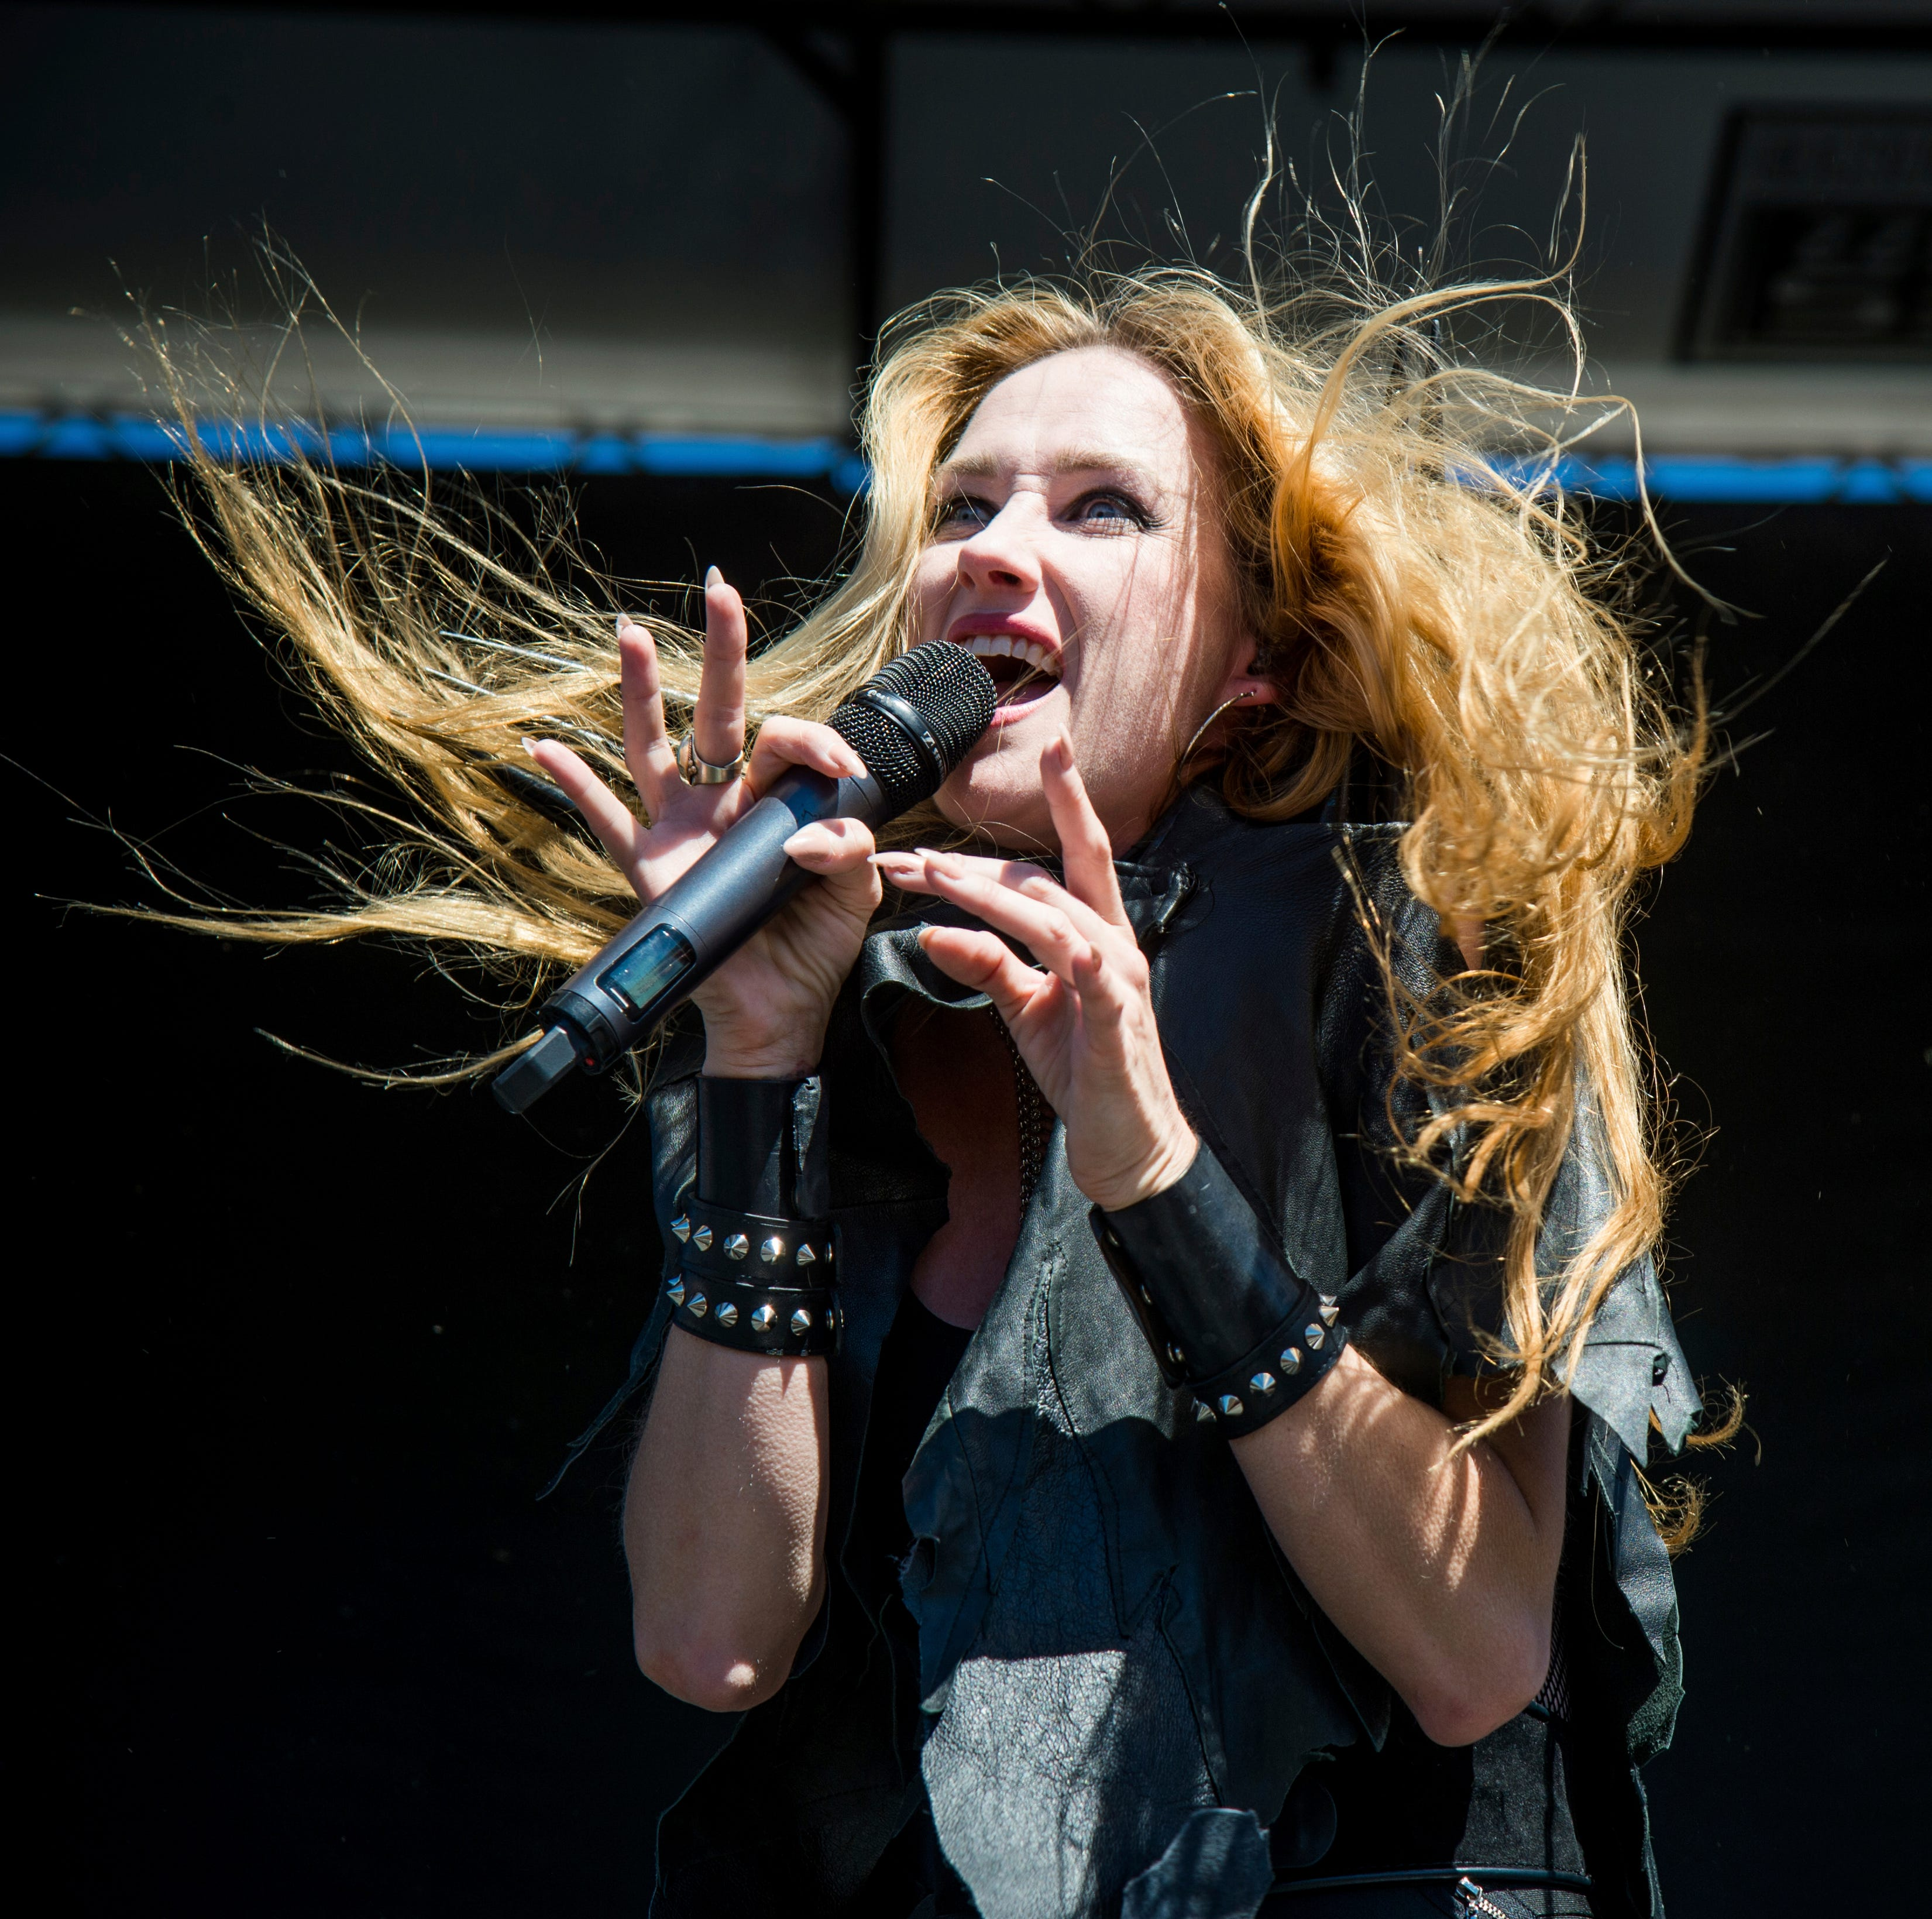 Jill Janus, singer of the metal band Huntress, dead at 43